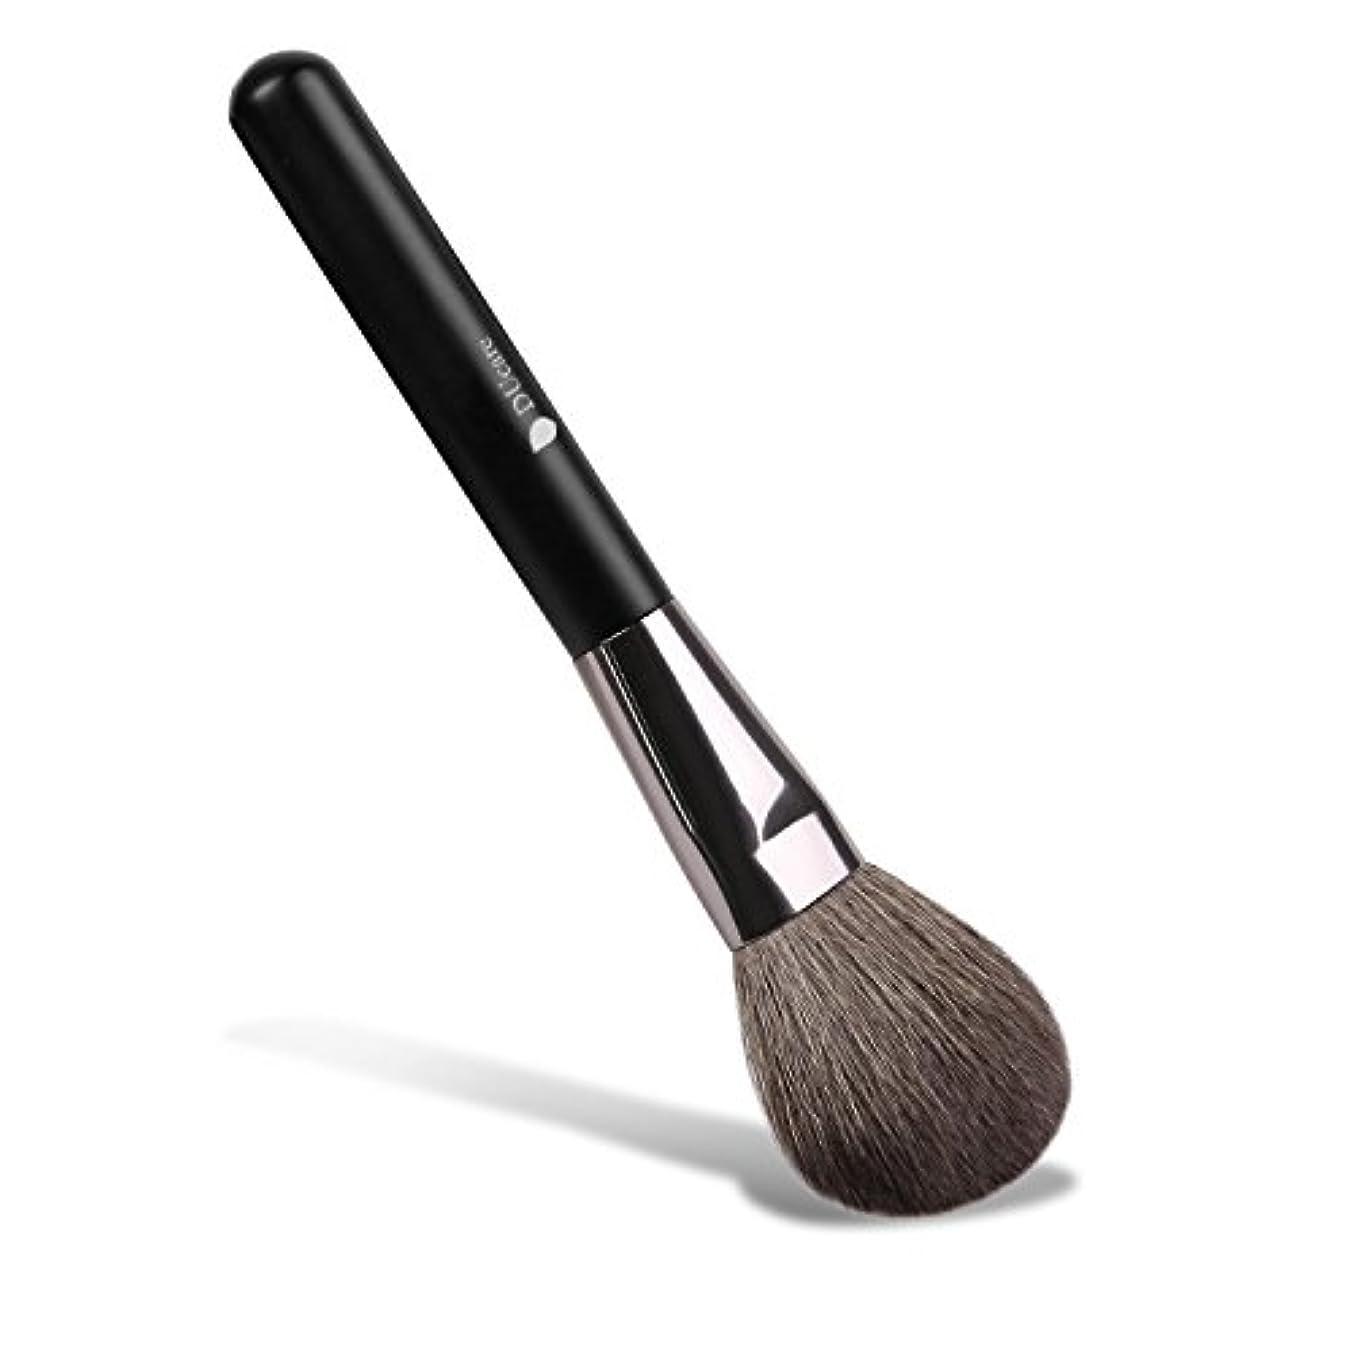 ミルク死んでいる受け継ぐDUcare ドゥケア 化粧筆 山羊毛 フェイスブラシ パウダー&チークブラシ 天然毛をたっぷり使用